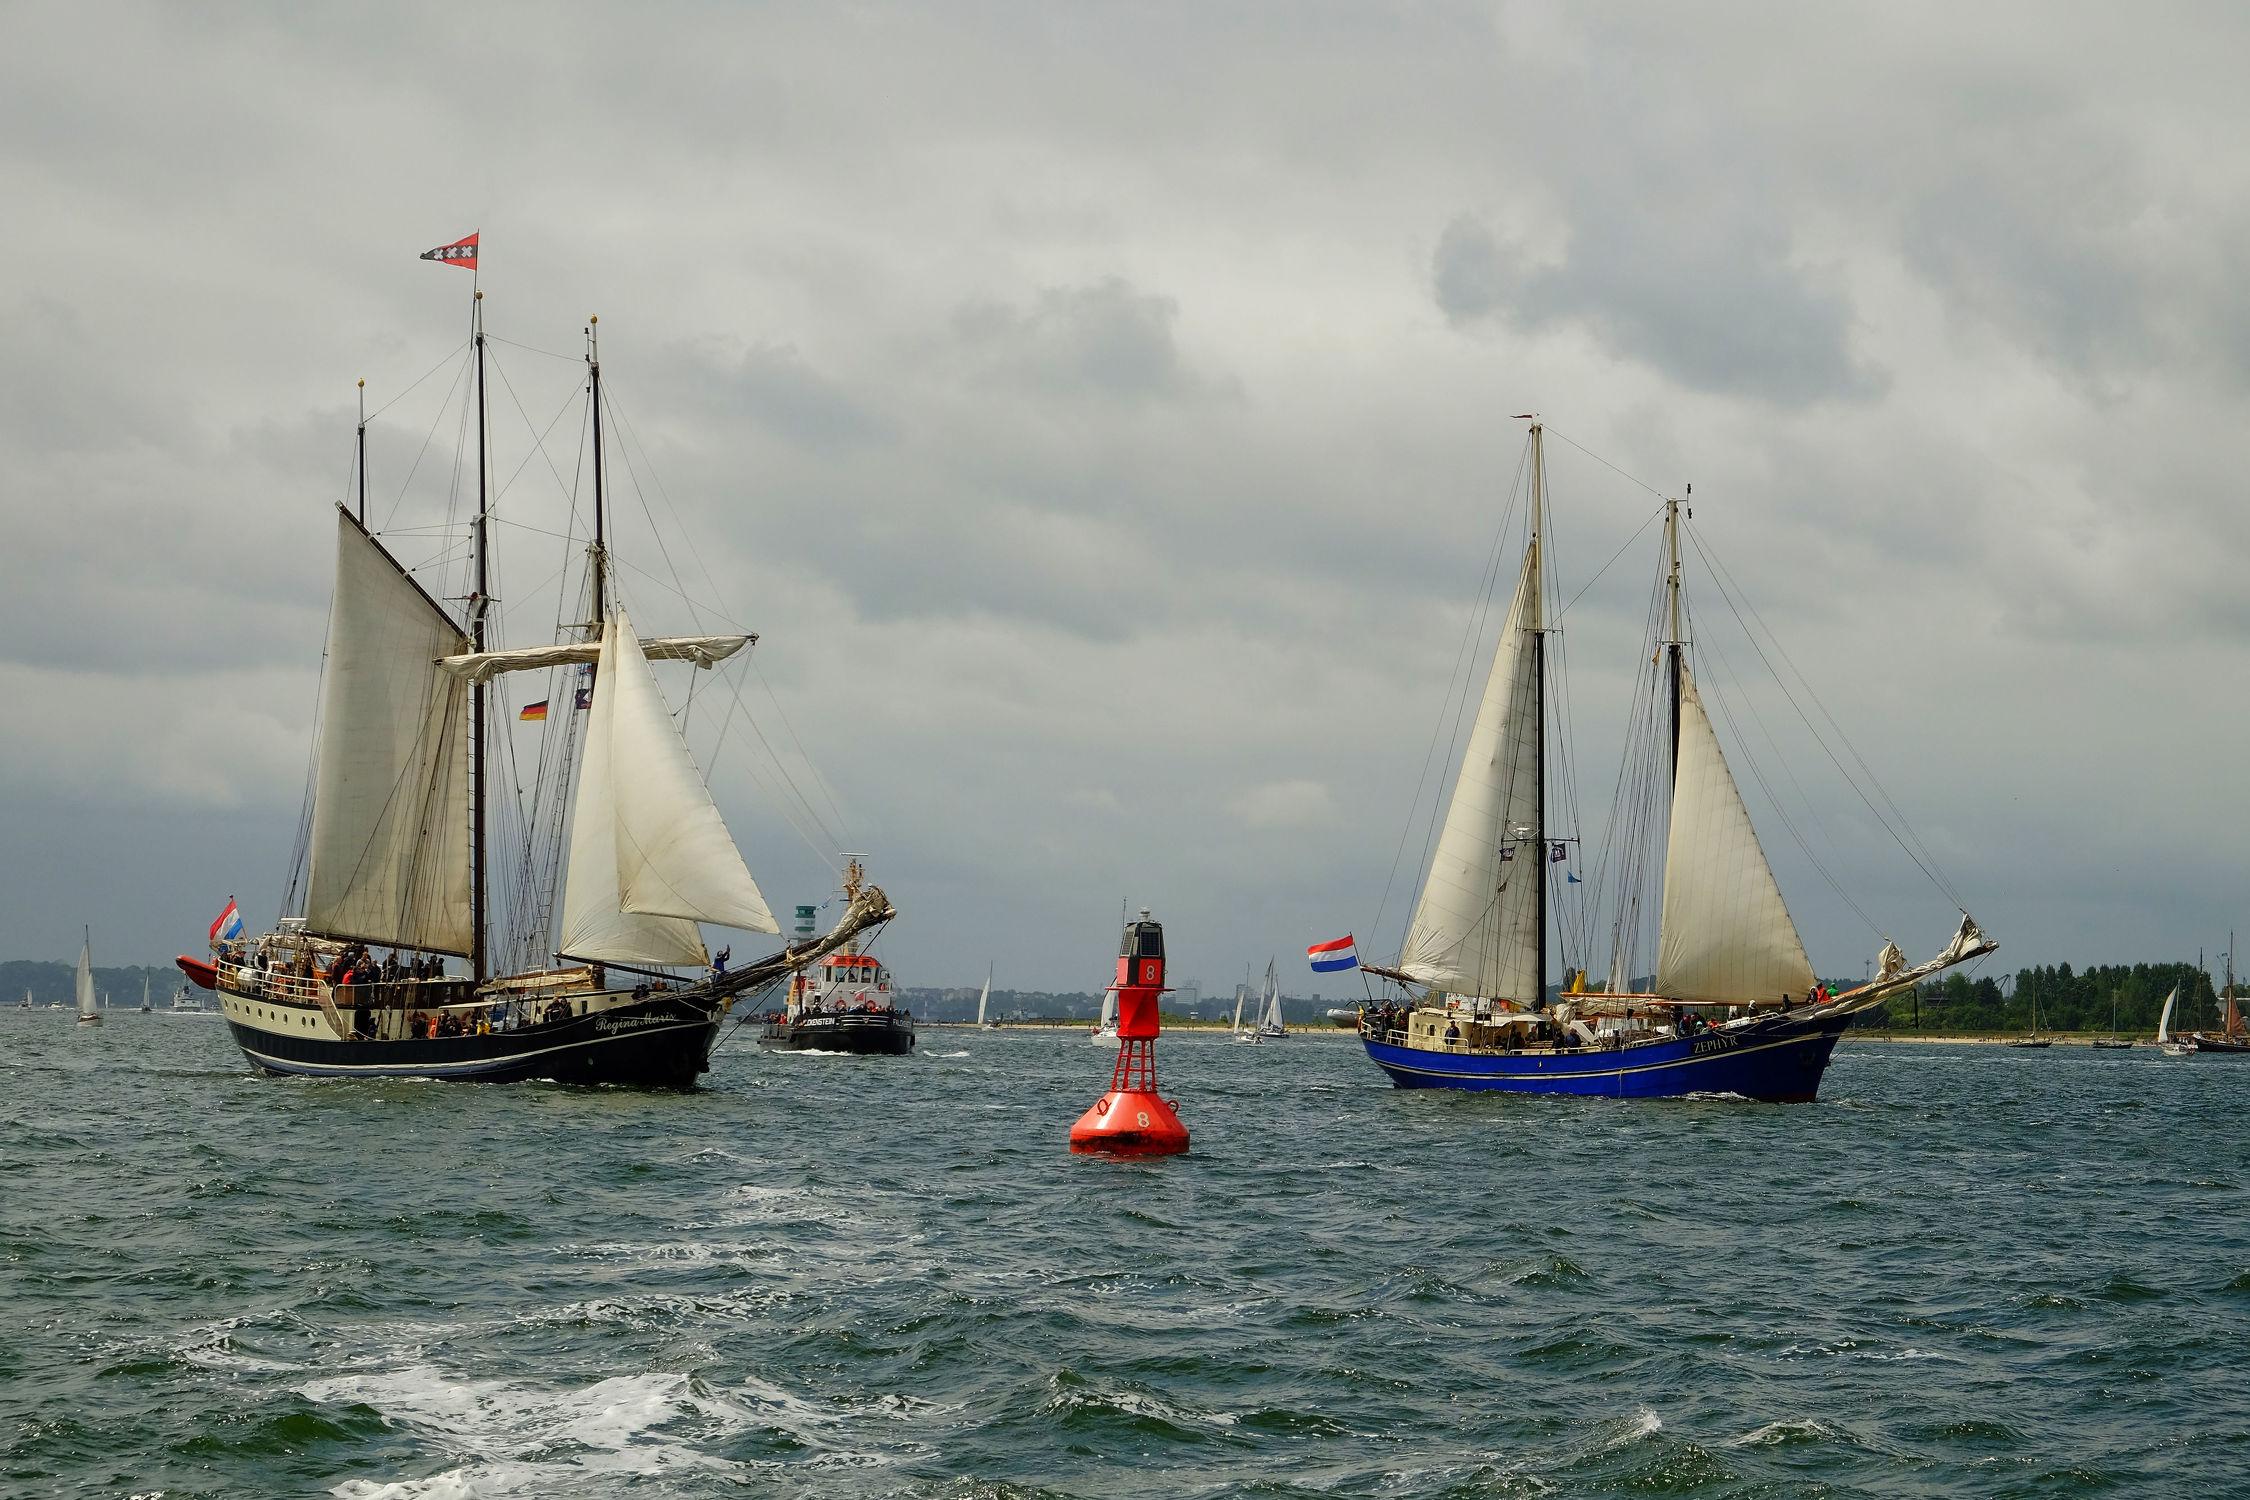 Bild mit Wellen, Schiffe, Meerblick, Ostsee, Meer, Ausspannen, Wind, Kieler_Förde, Boen, Segler, Windjammerparade